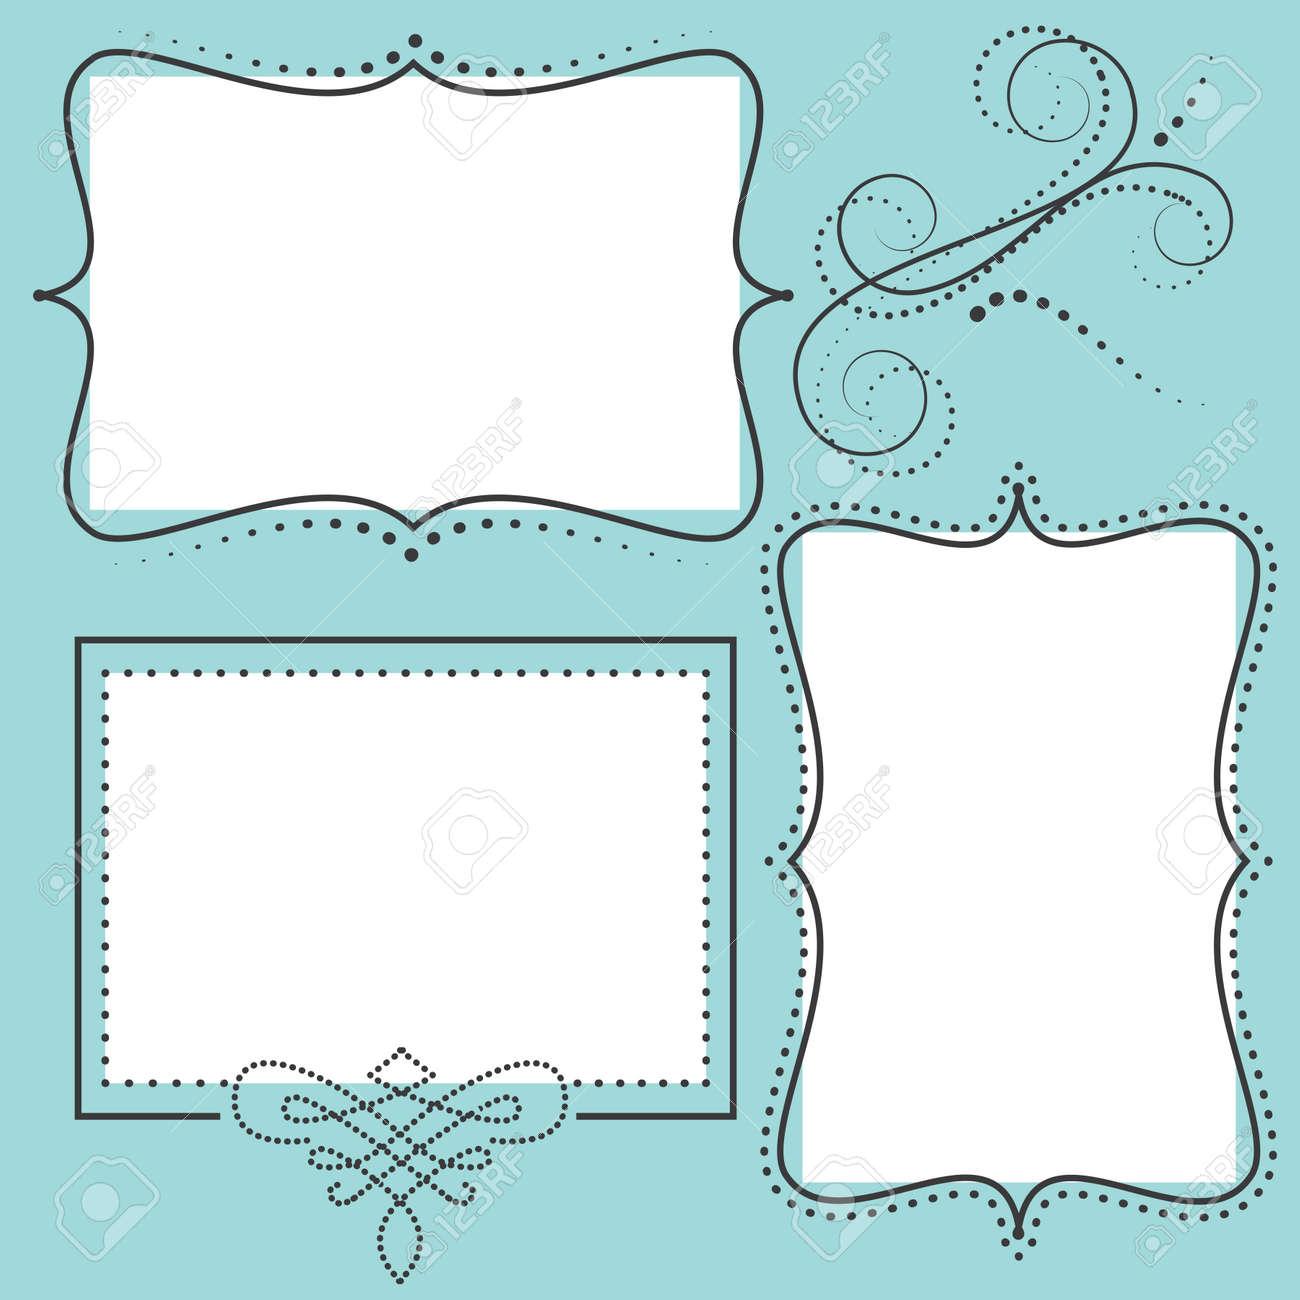 formato para invitaciones